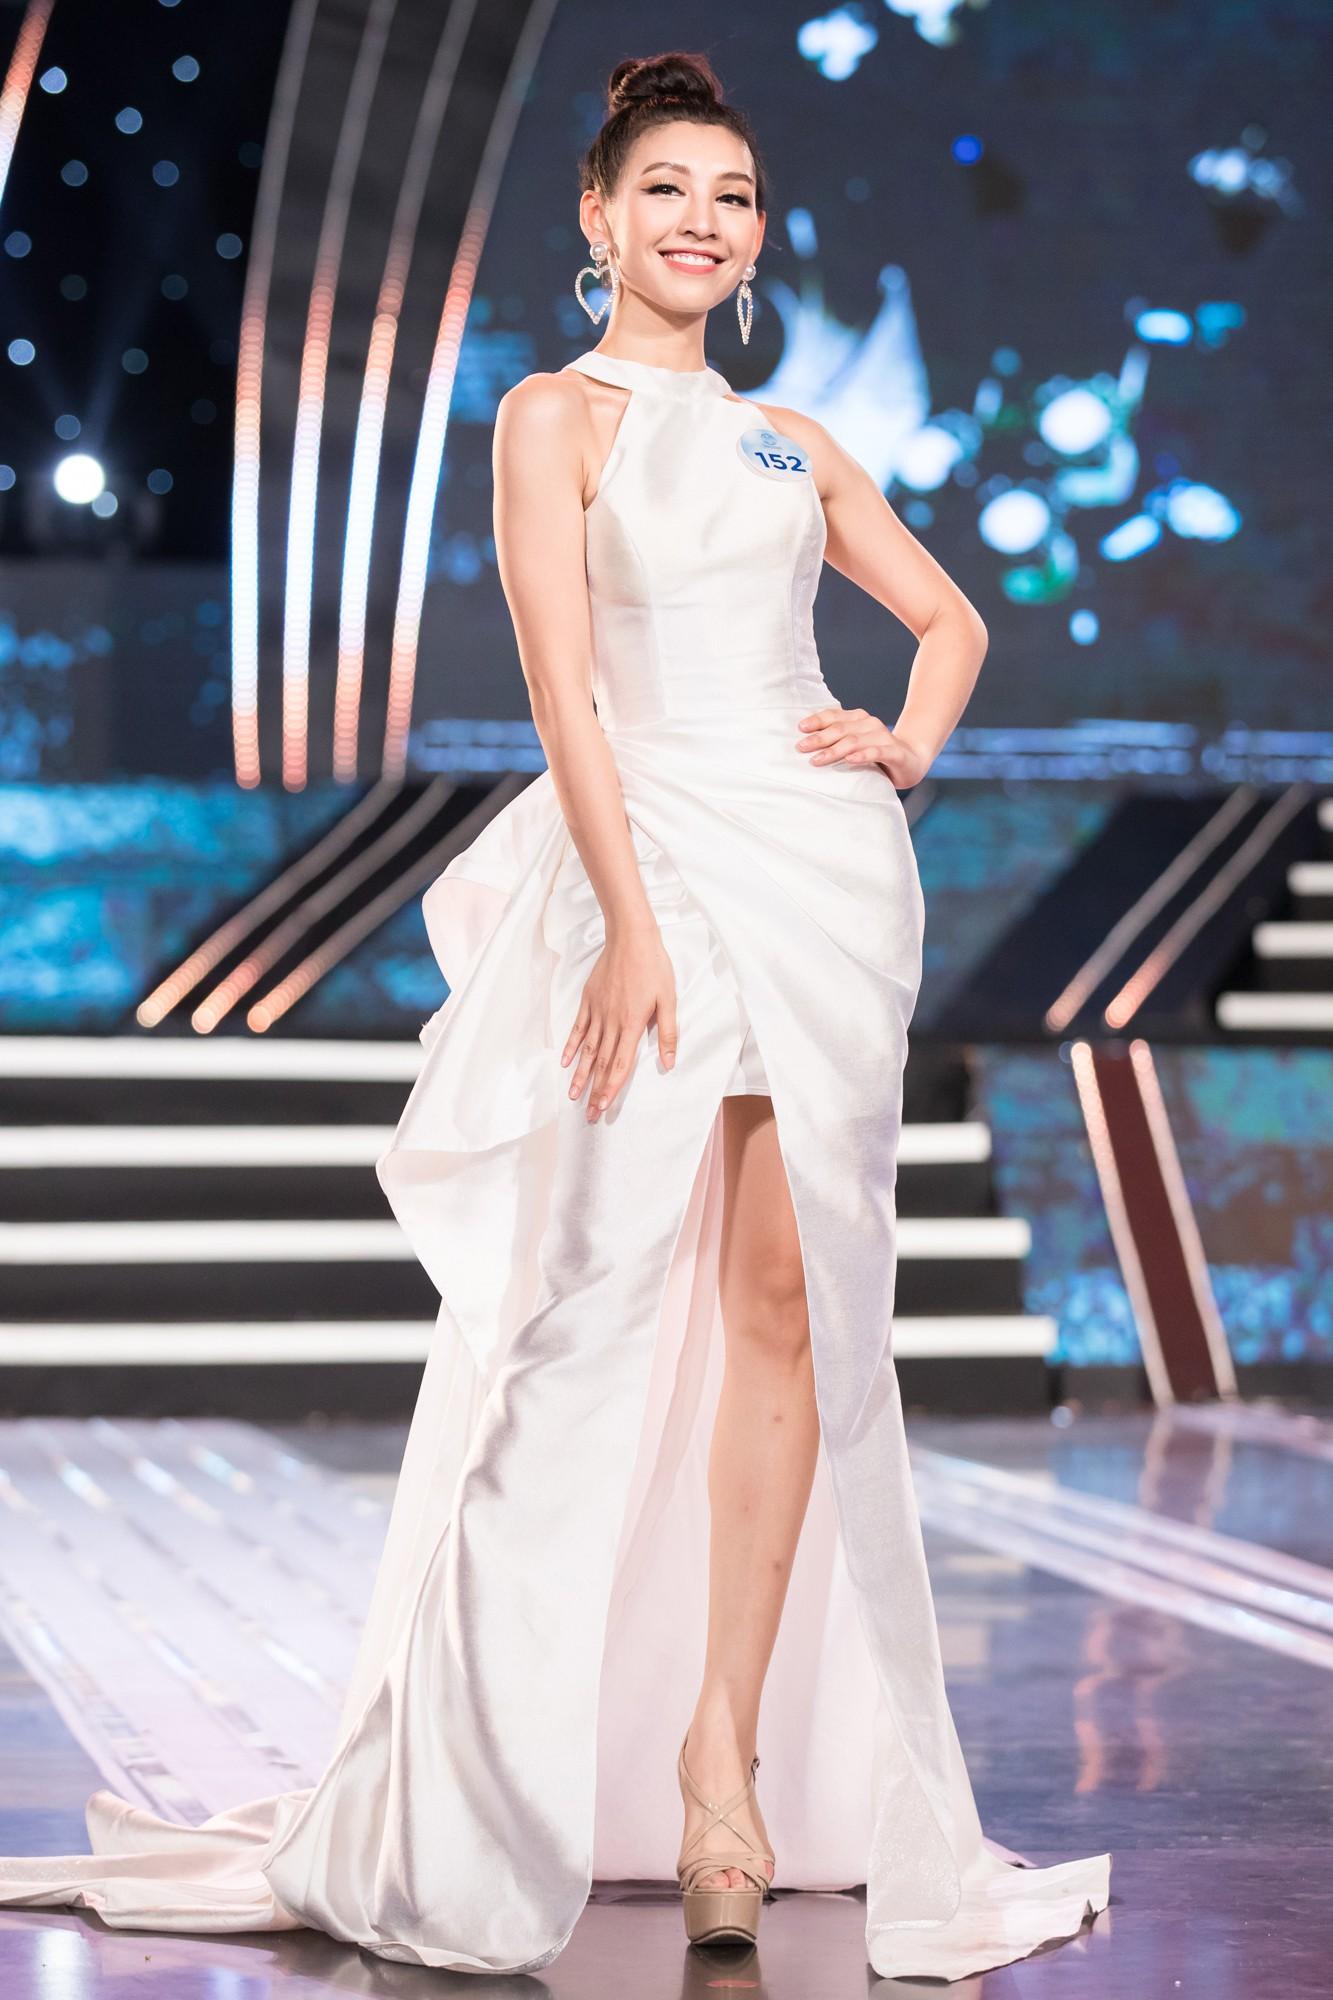 Soi nhan sắc 20 cô gái phía Bắc vừa lọt Chung kết Miss World VN: Thí sinh mặt đẹp nhất lại lộ vóc dáng đô con, thiếu đường cong-9